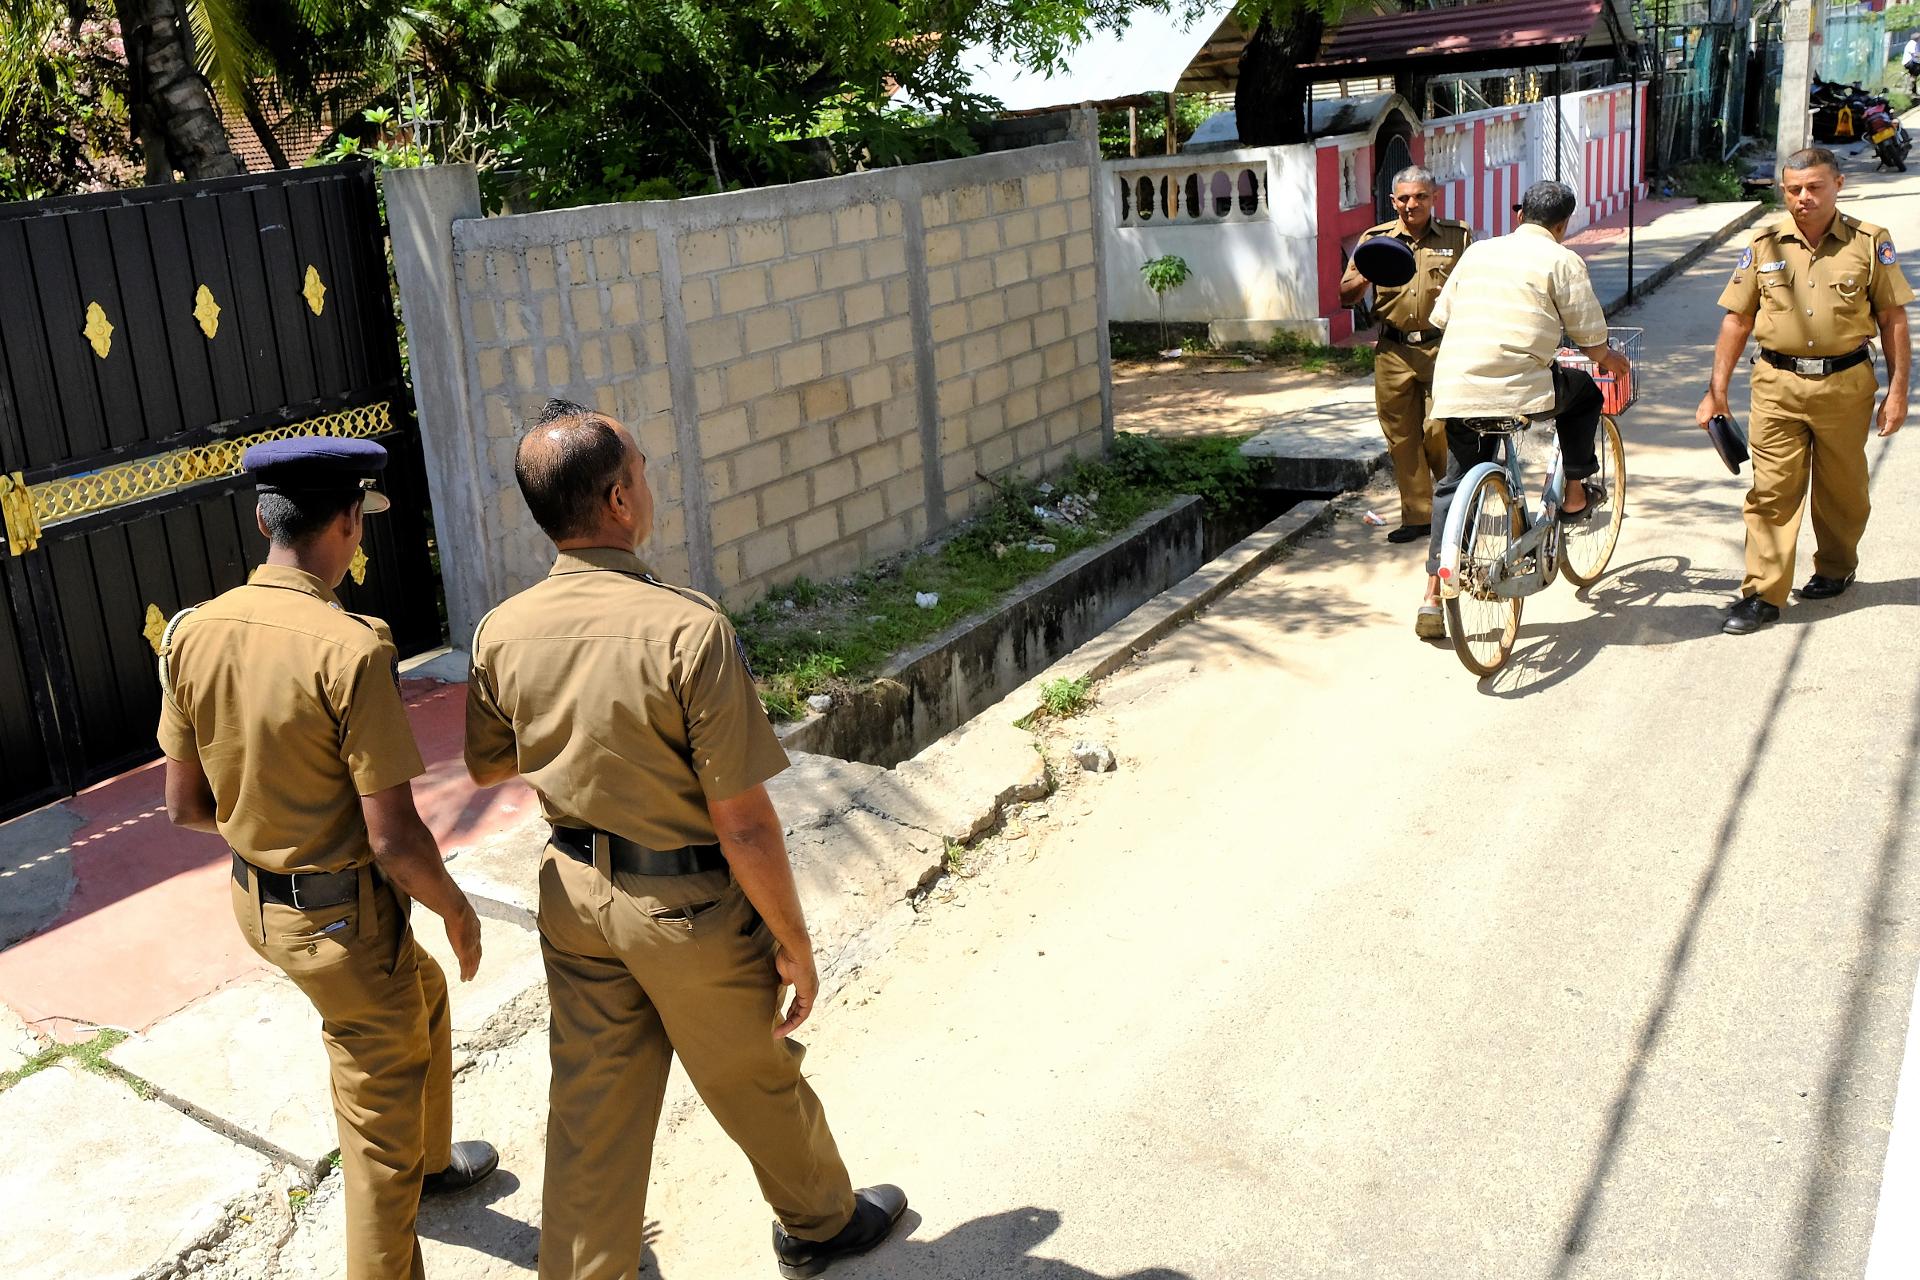 Det är en högre polisiär närvaro inför på presidentens besök i östra provinsen. Foto: Johan Mikaelsson